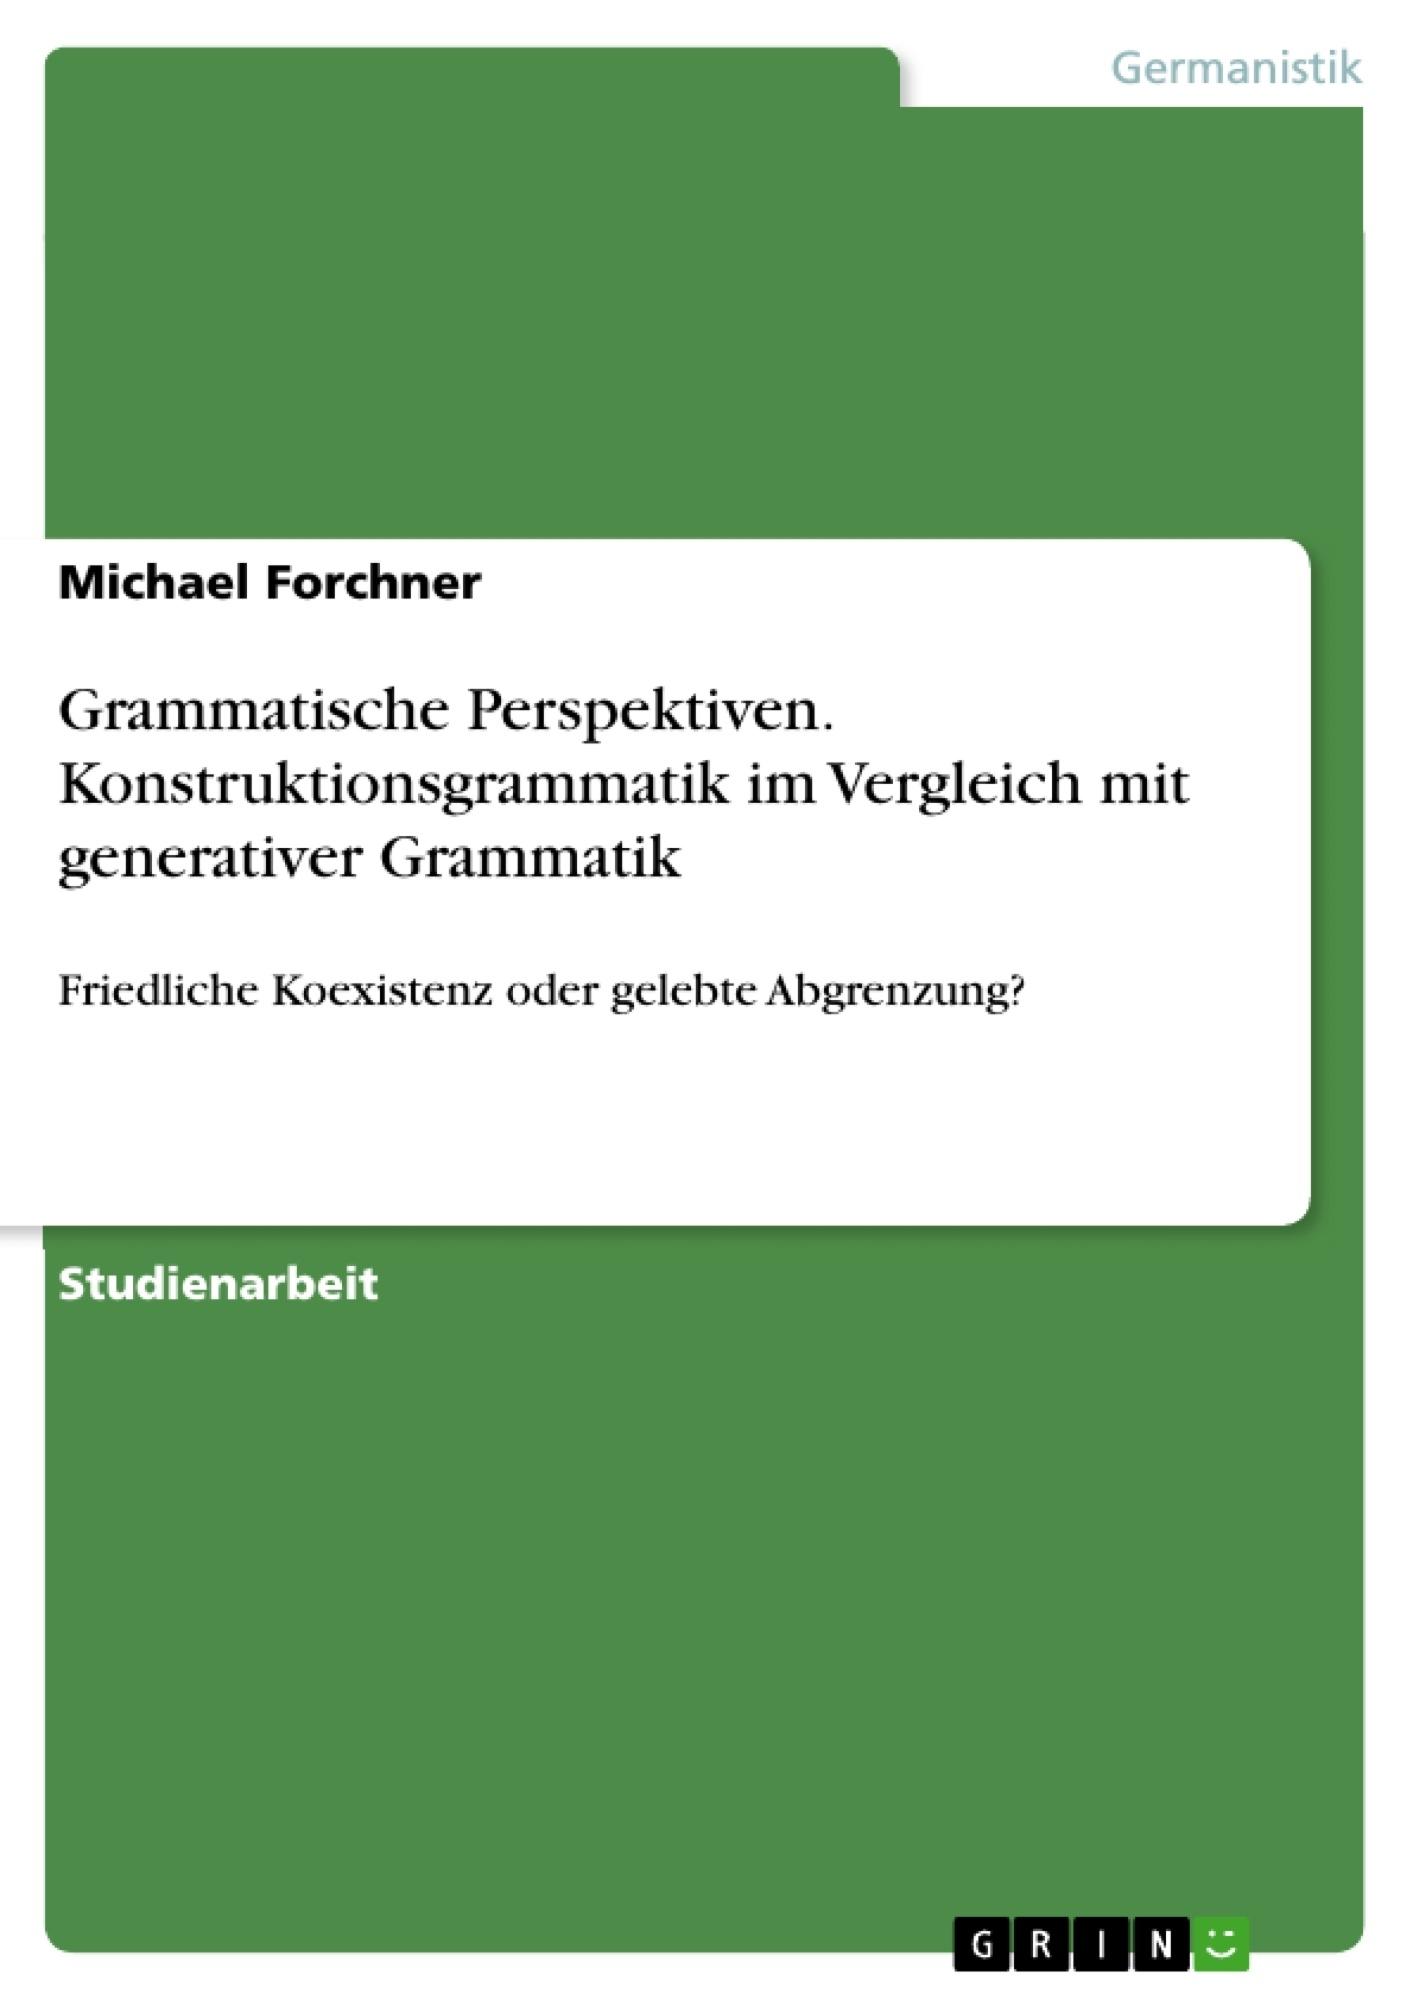 Titel: Grammatische Perspektiven. Konstruktionsgrammatik im Vergleich mit generativer Grammatik